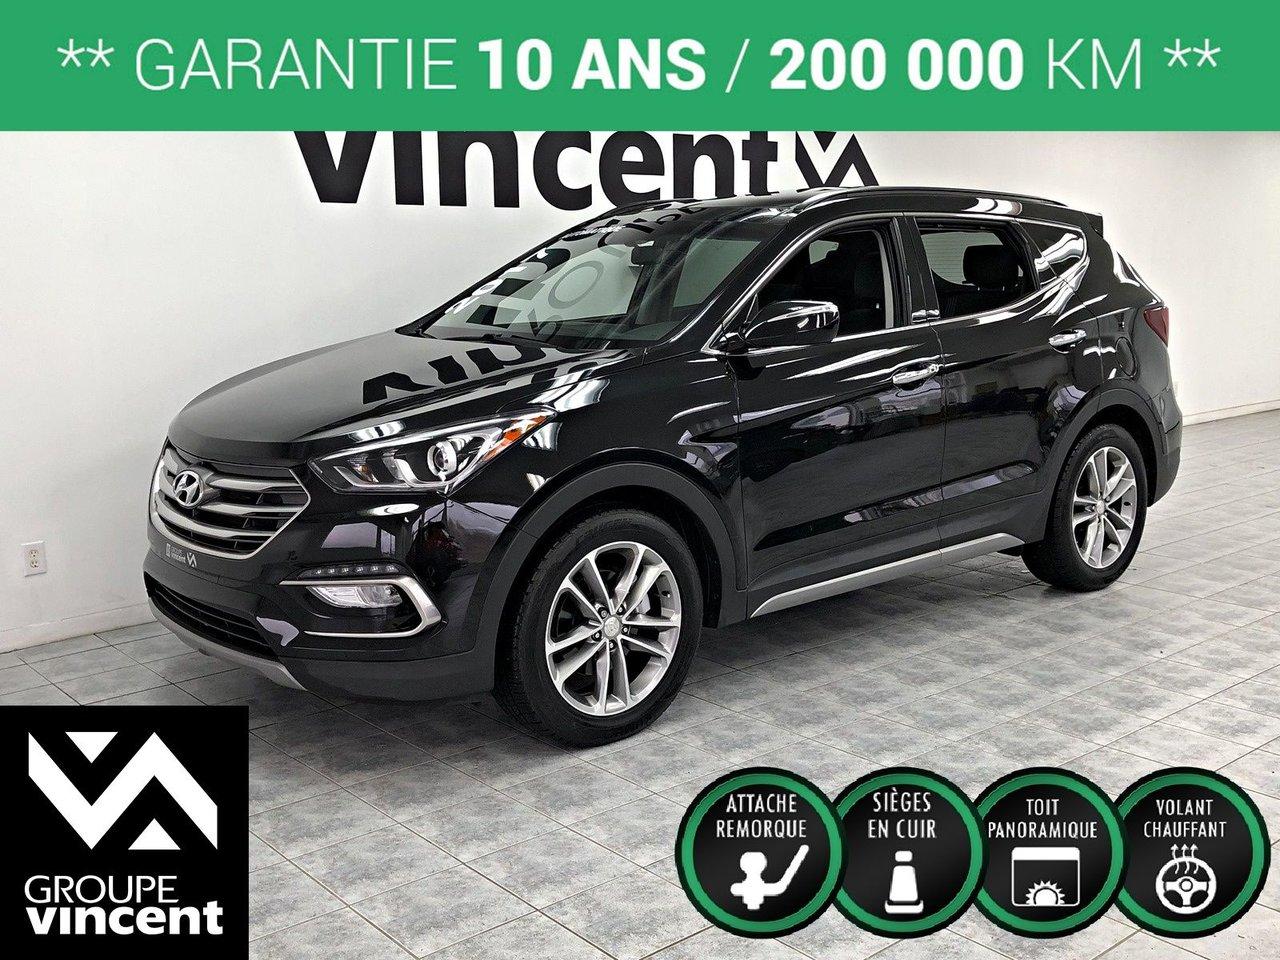 2017 Hyundai  Santa Fe SPORT SE 2.0T AWD ** GARANTIE 10 ANS **